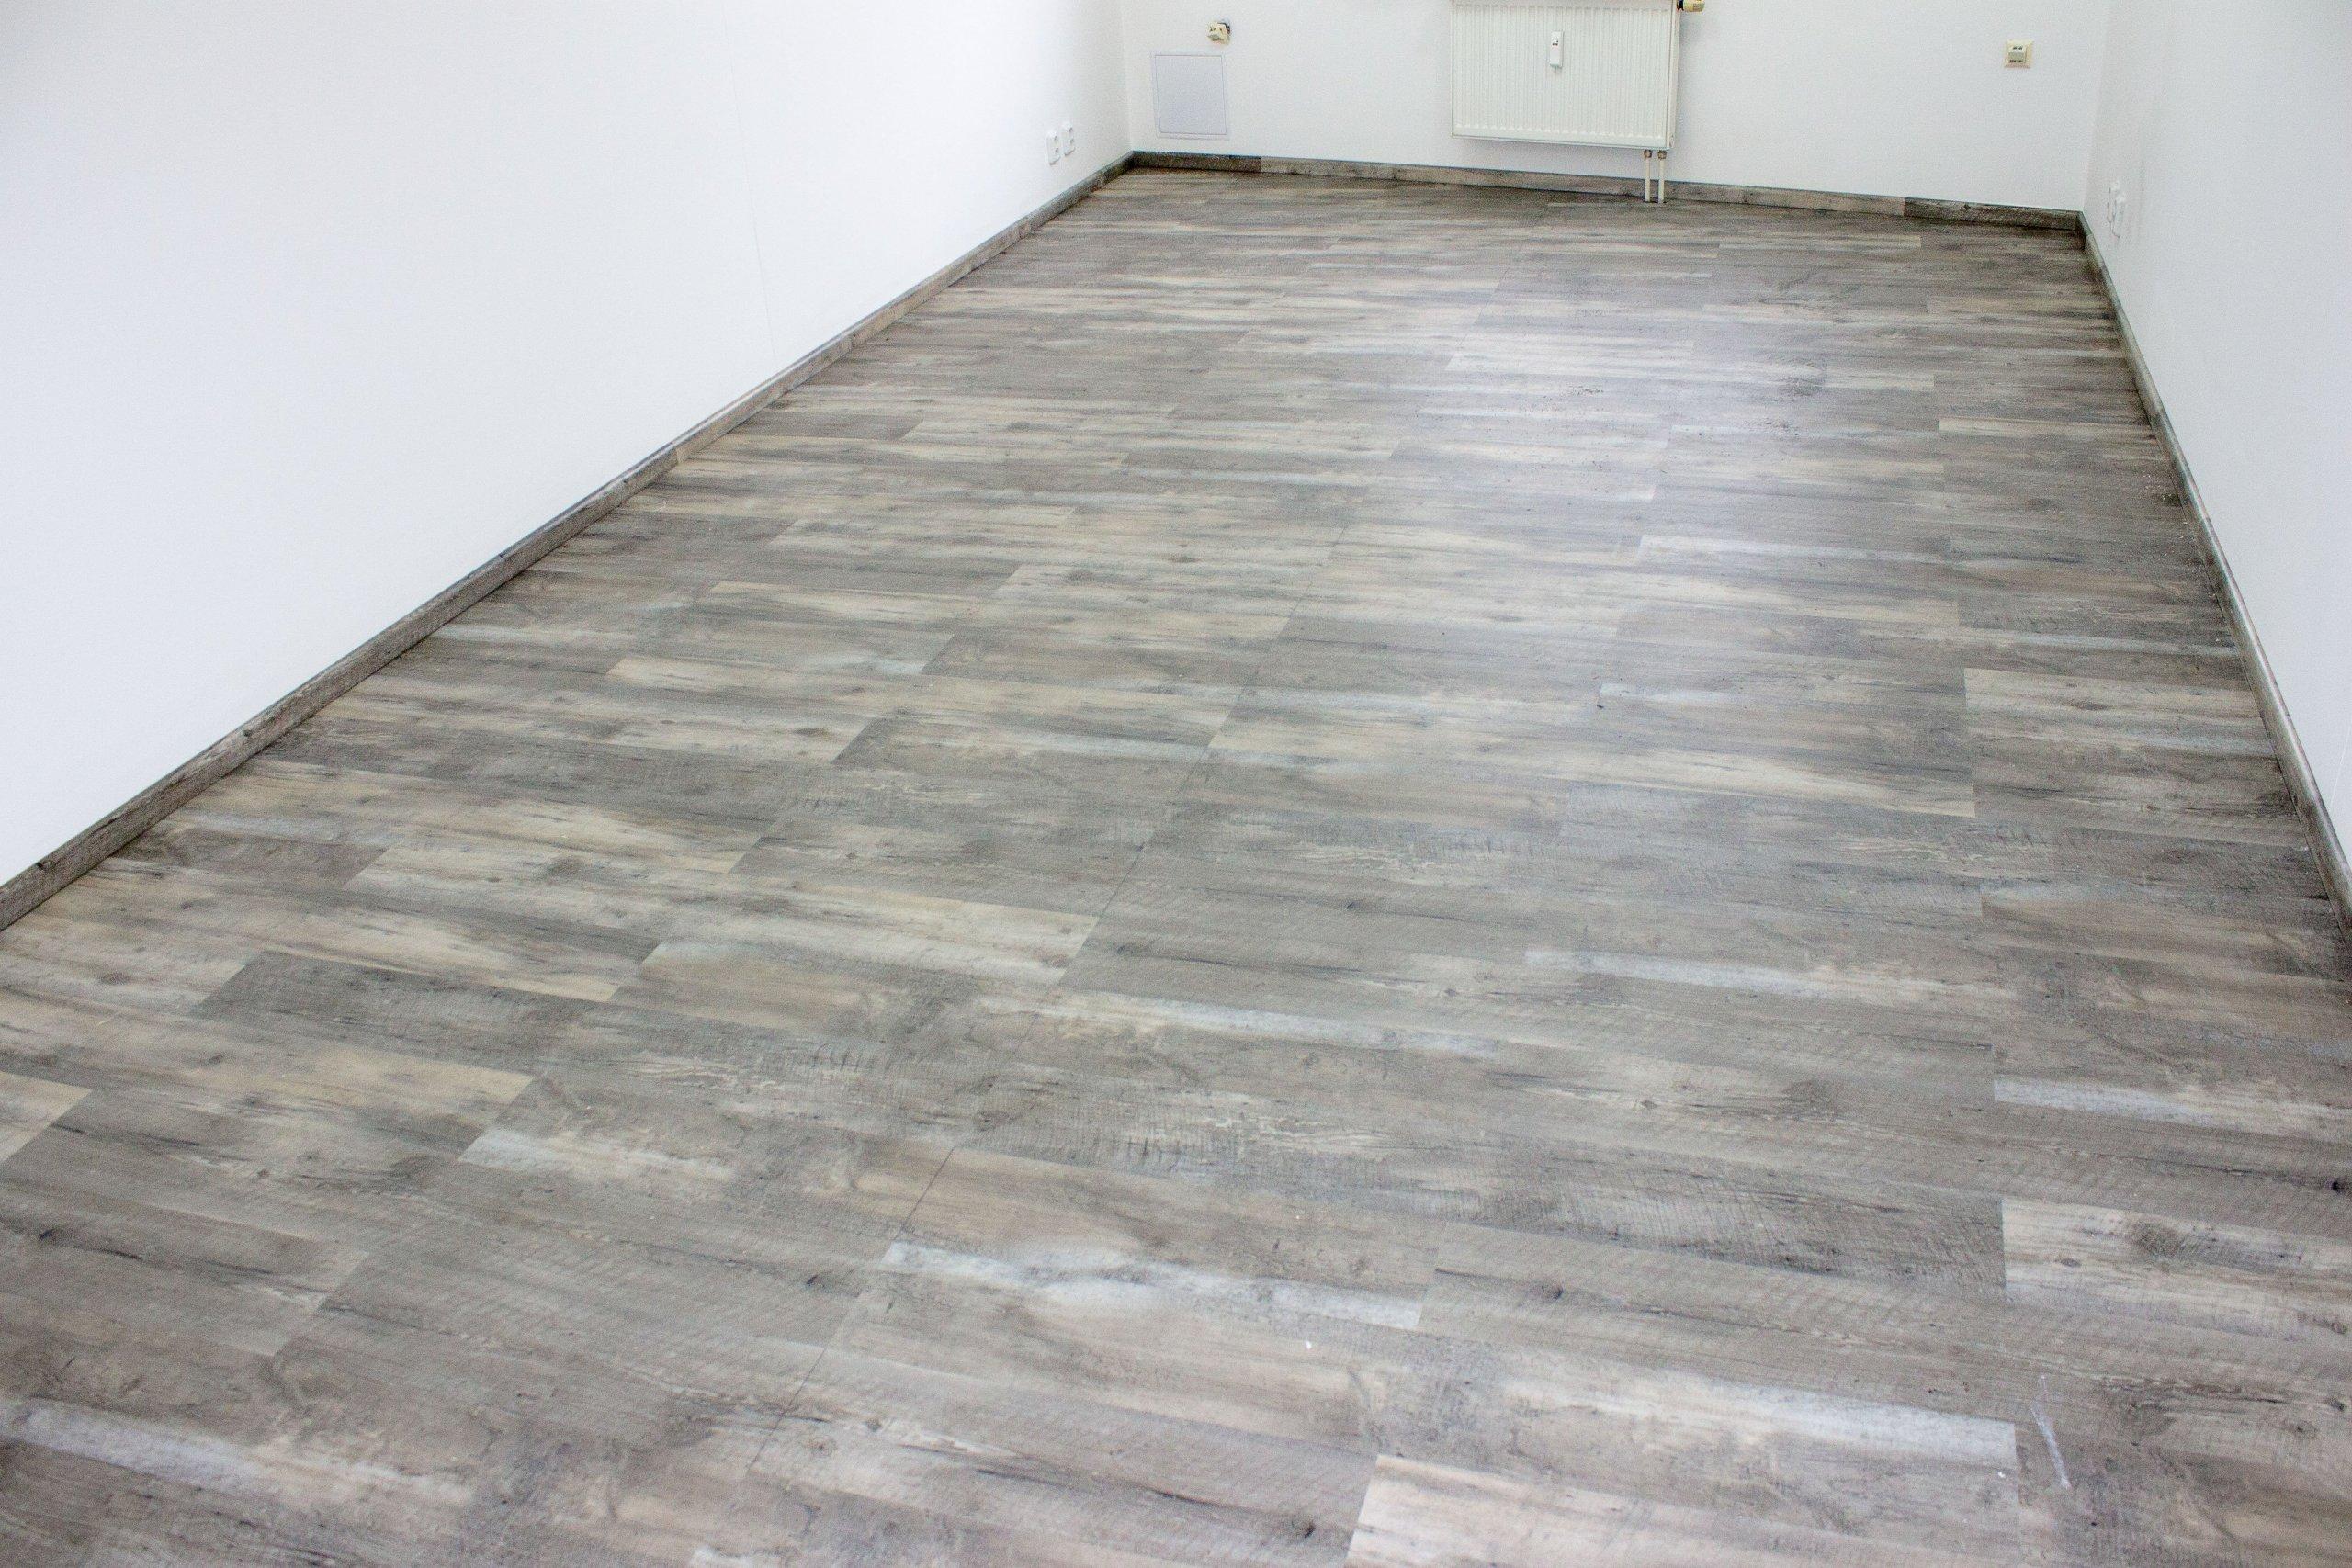 Pokládka podlahy s pravidelným opakováním